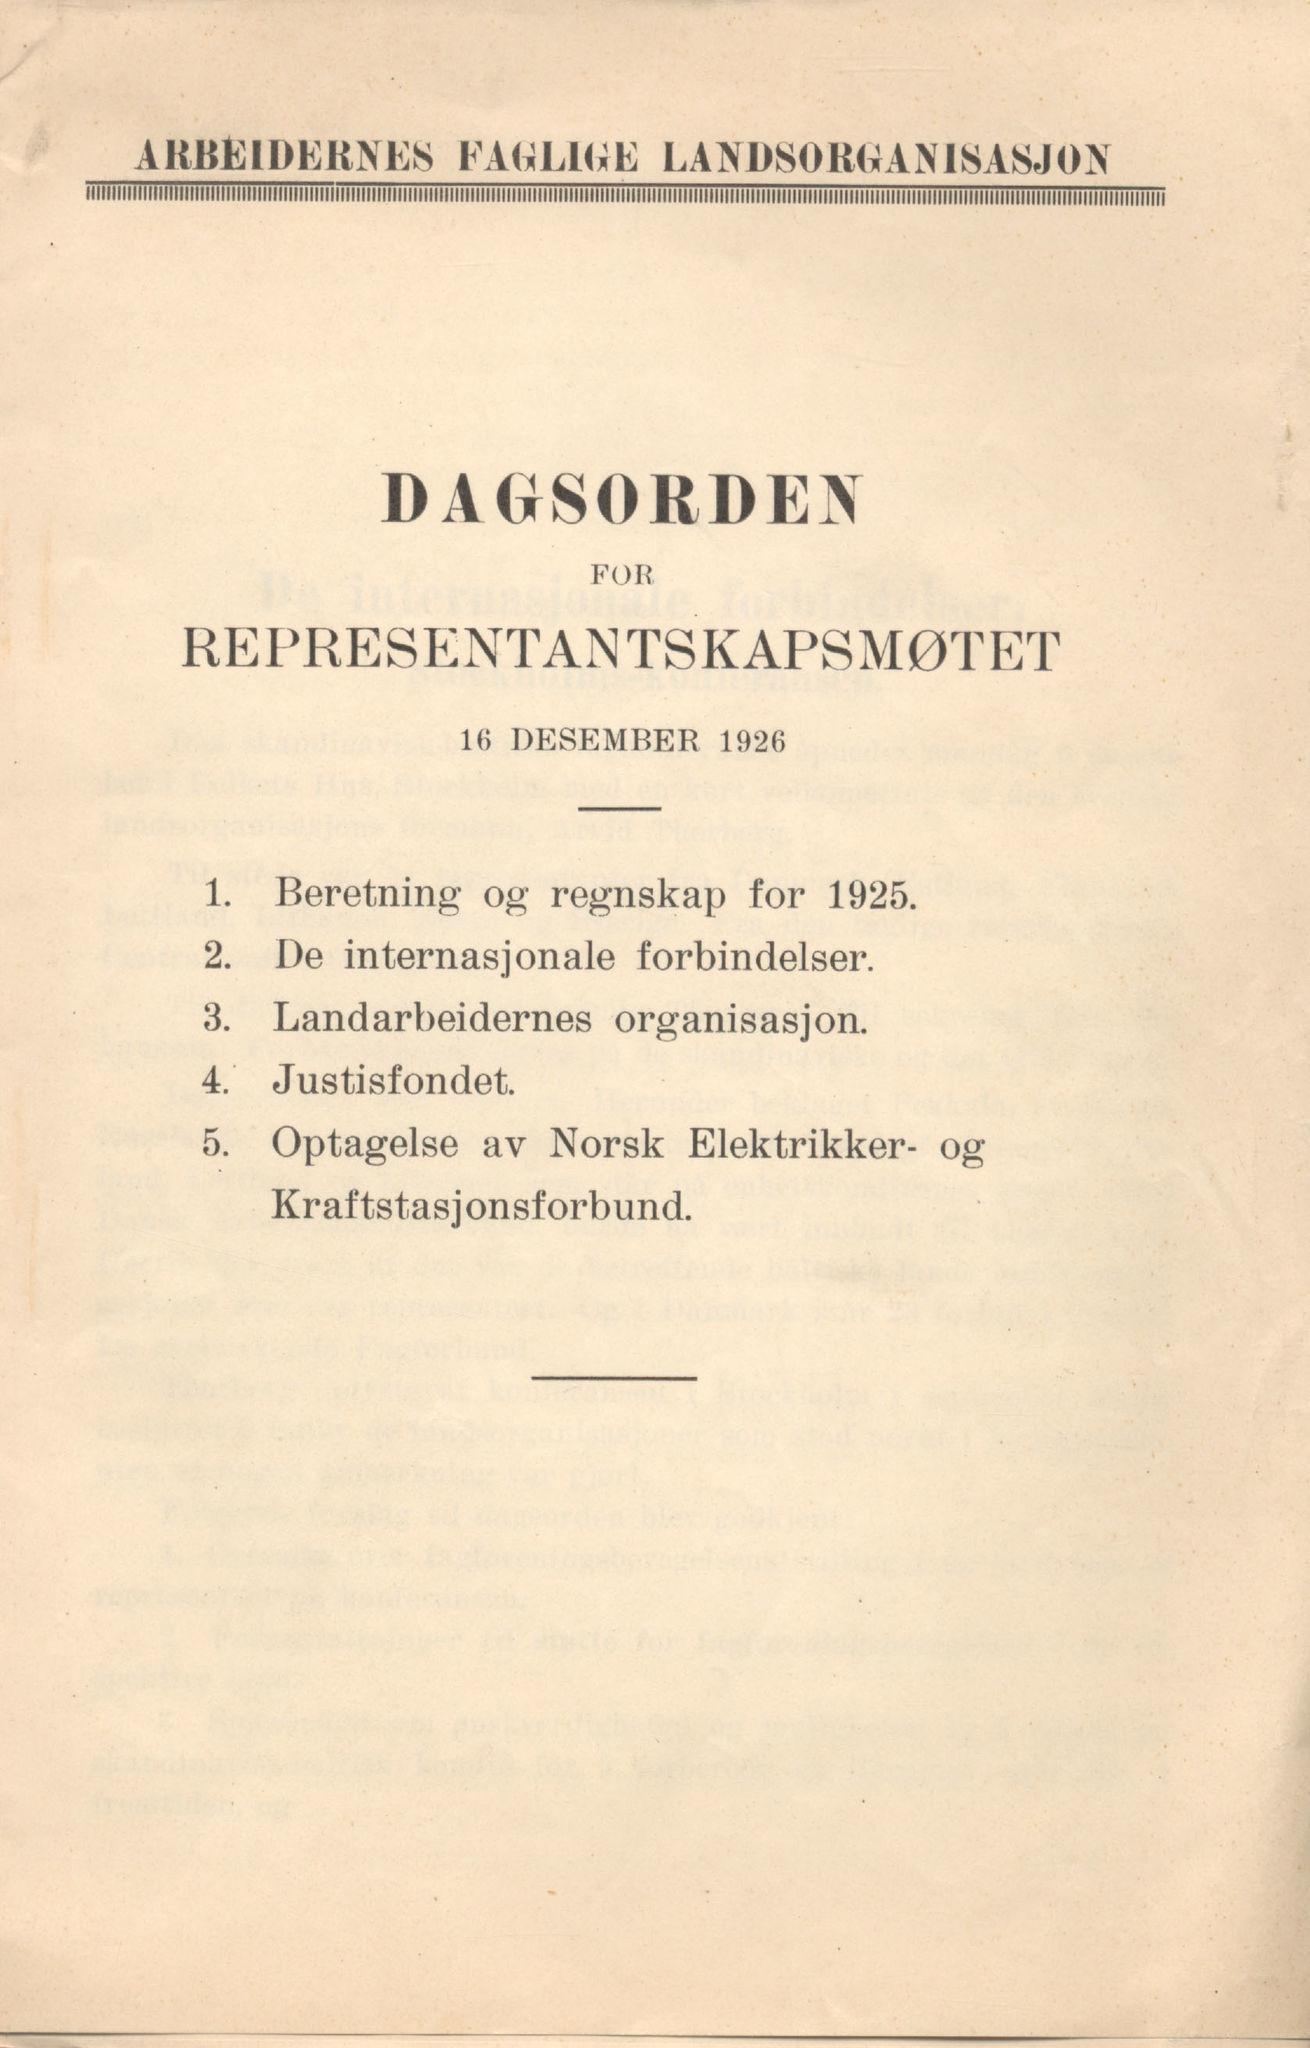 AAB, Landsorganisasjonen i Norge, 1911-1953, s. 23